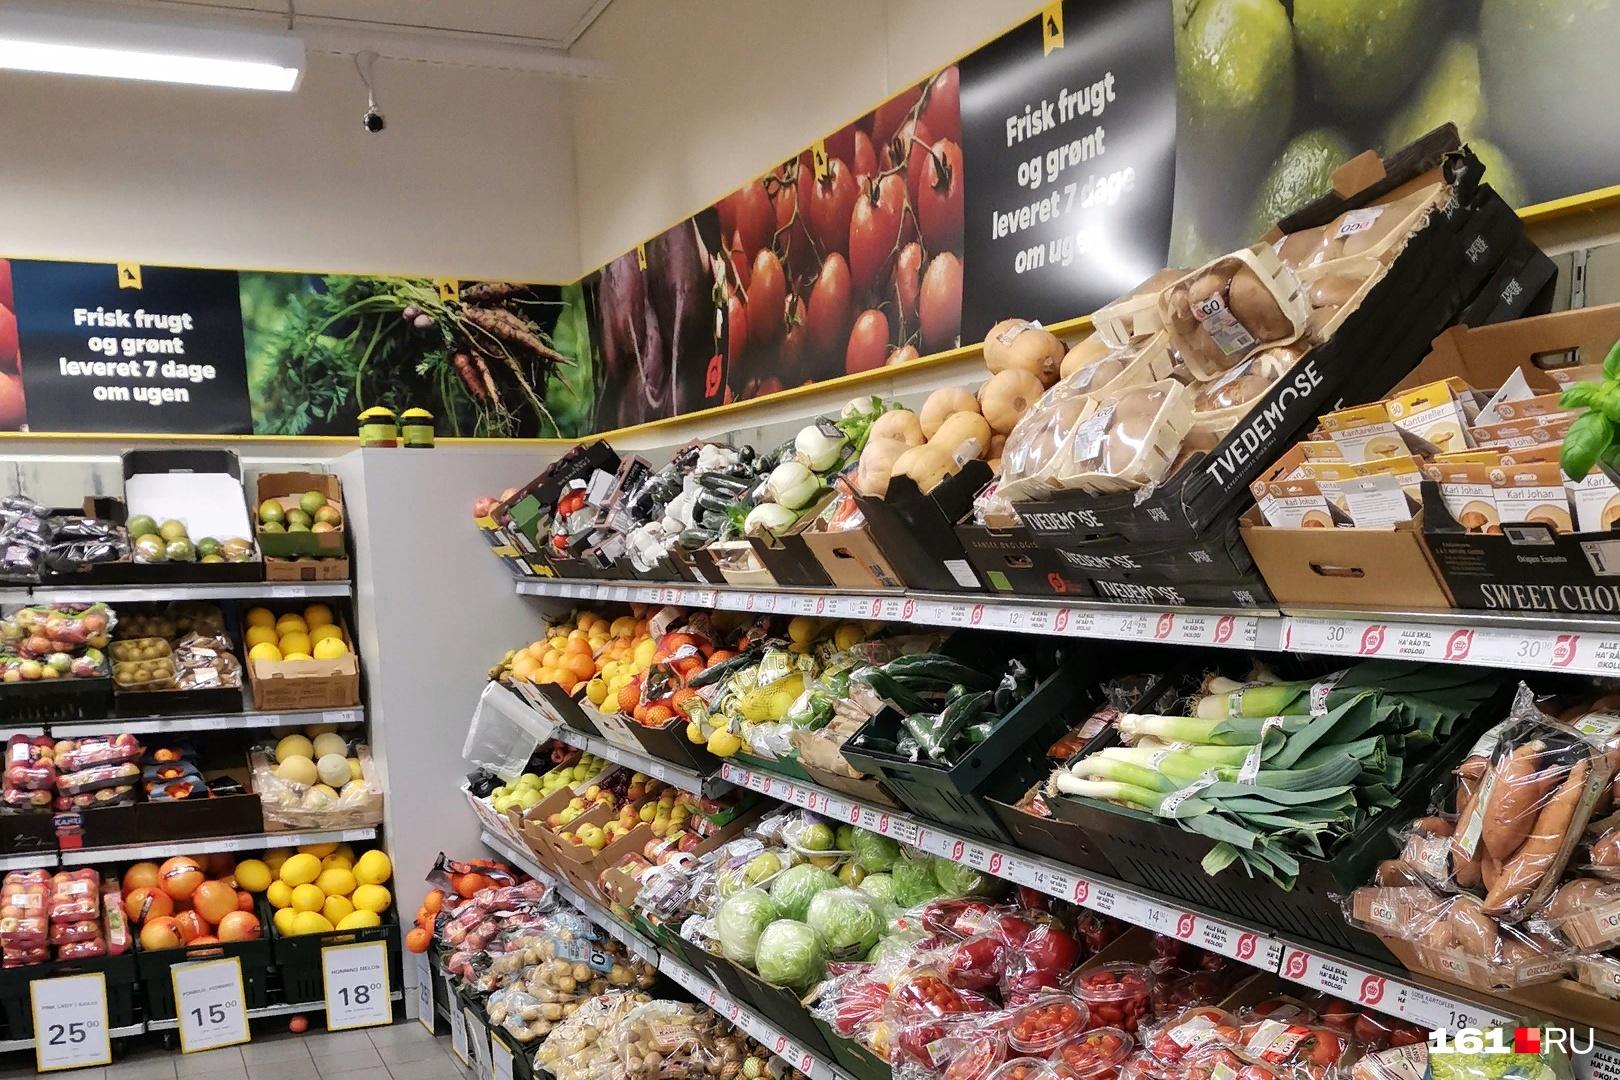 Недостатка в продуктах датчане не испытывают: в магазинах полки забиты едой